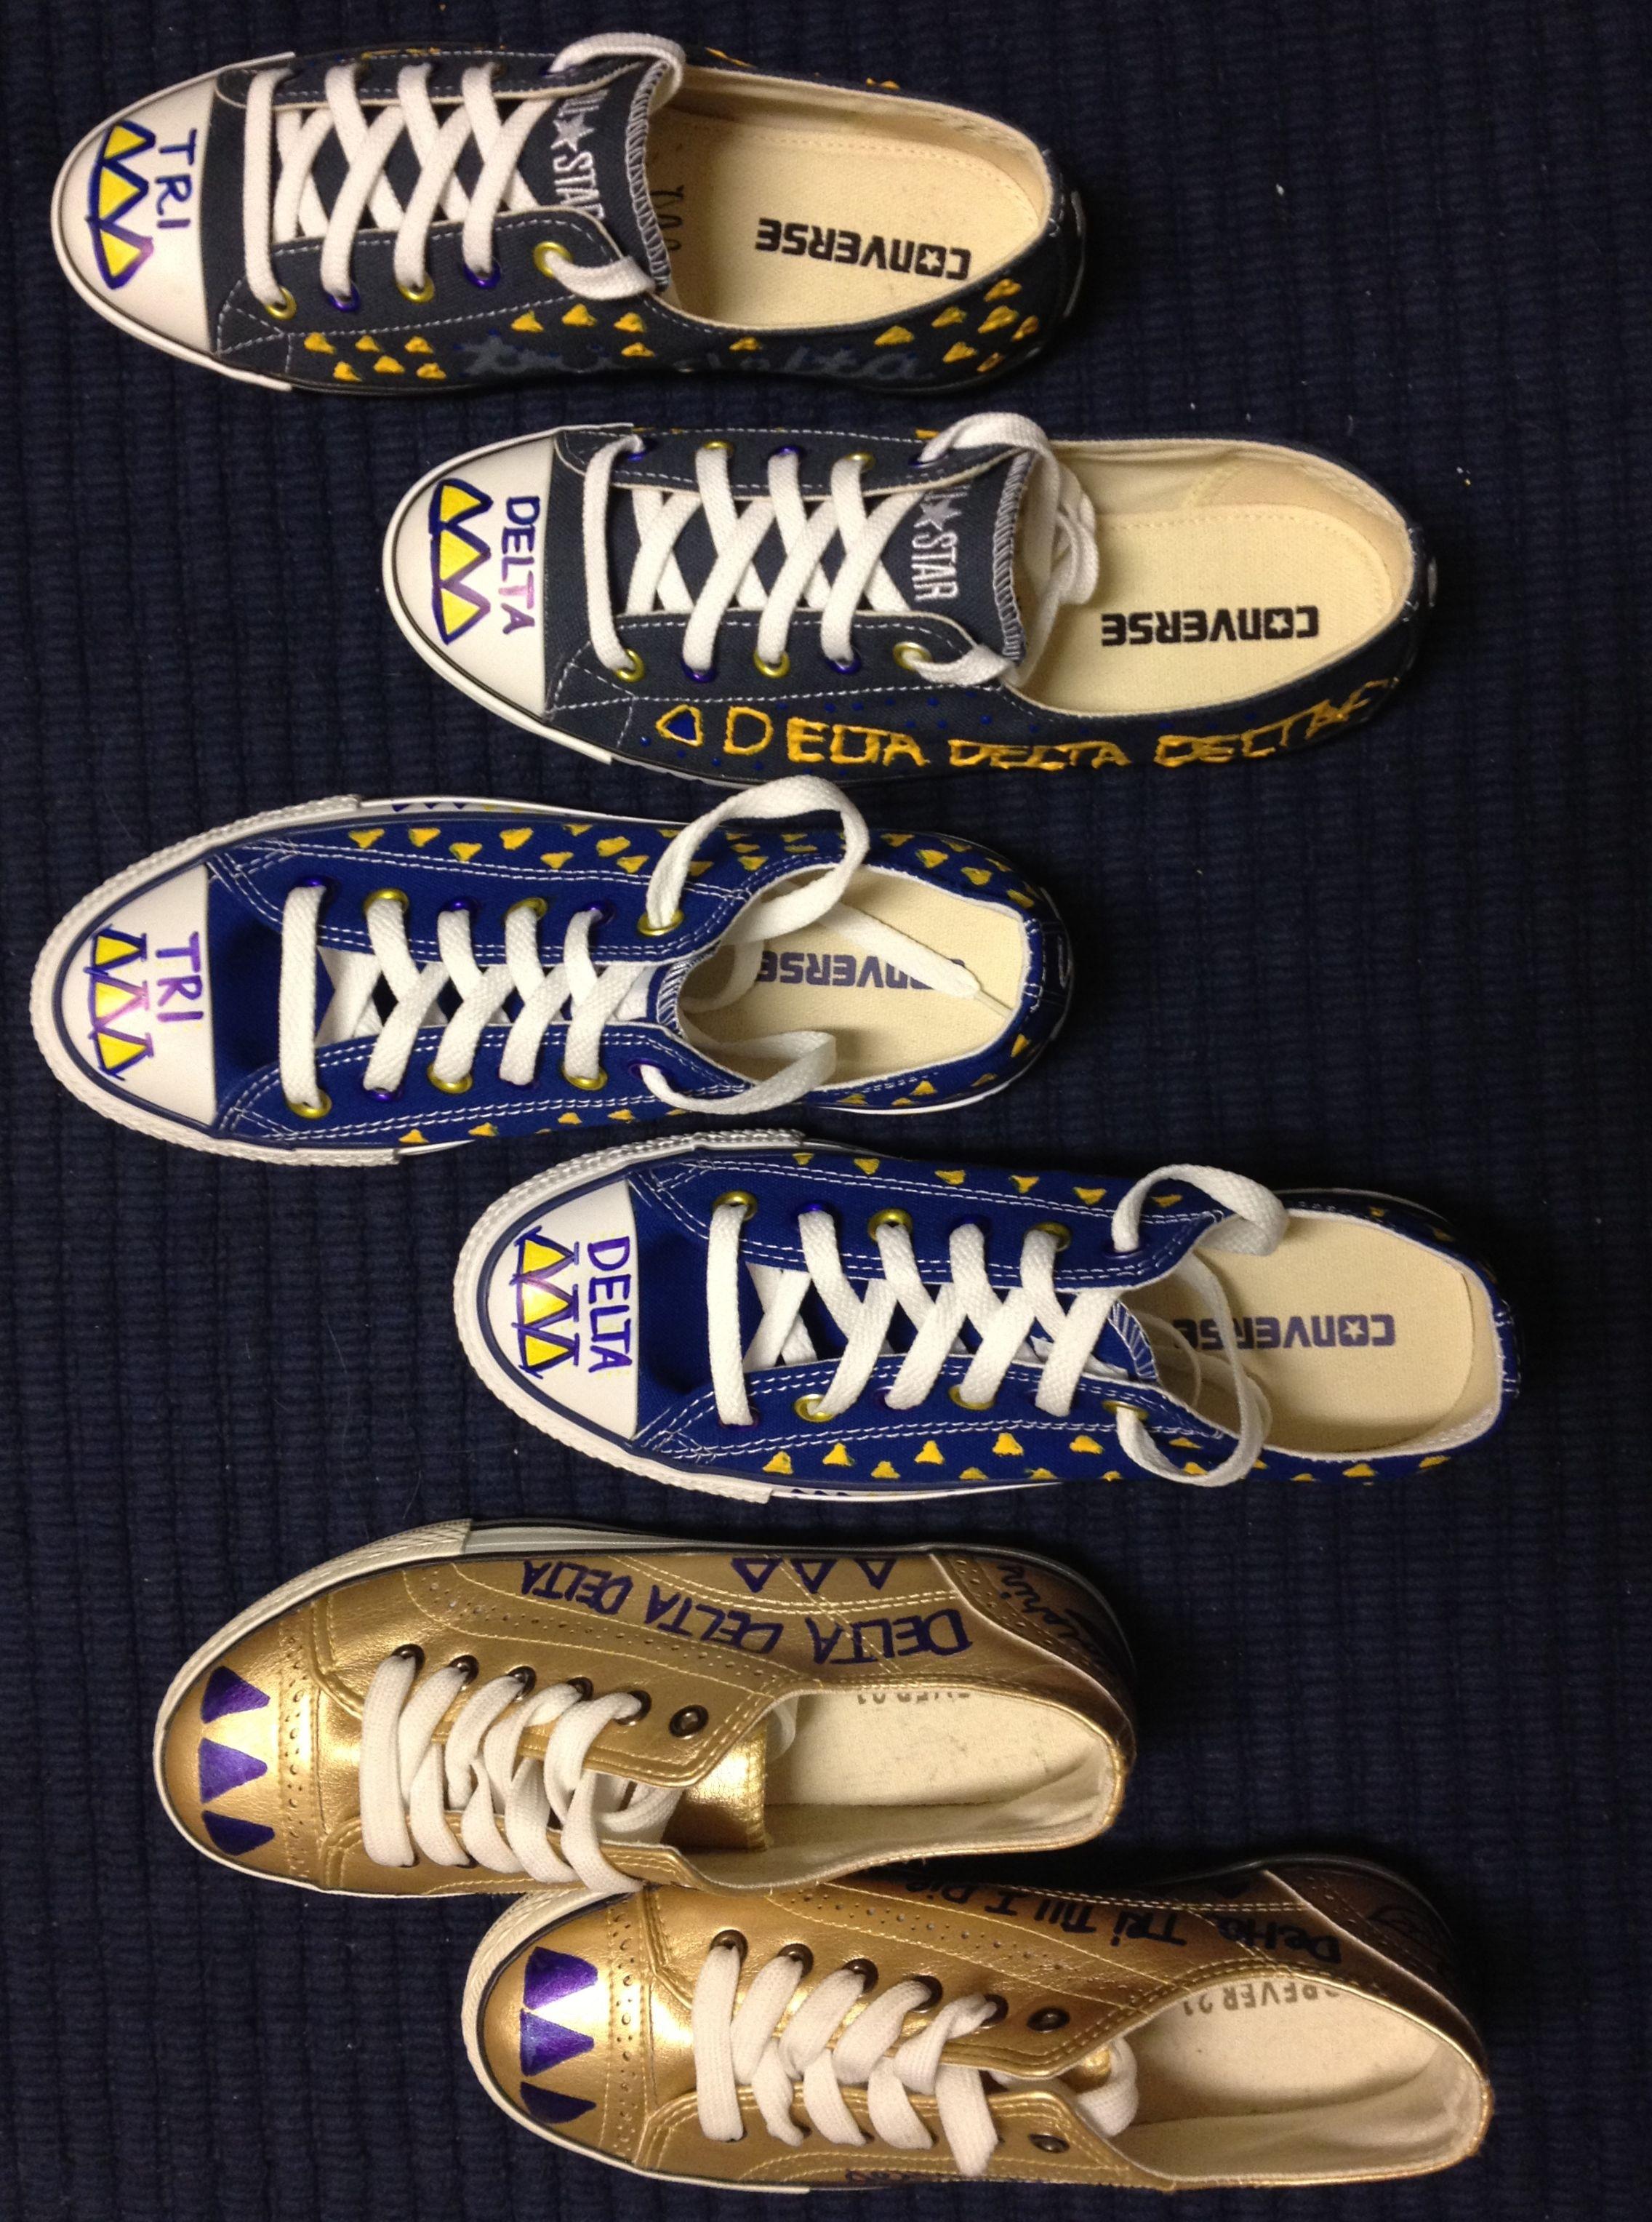 Tri Delta Sneakers ΔΔΔ